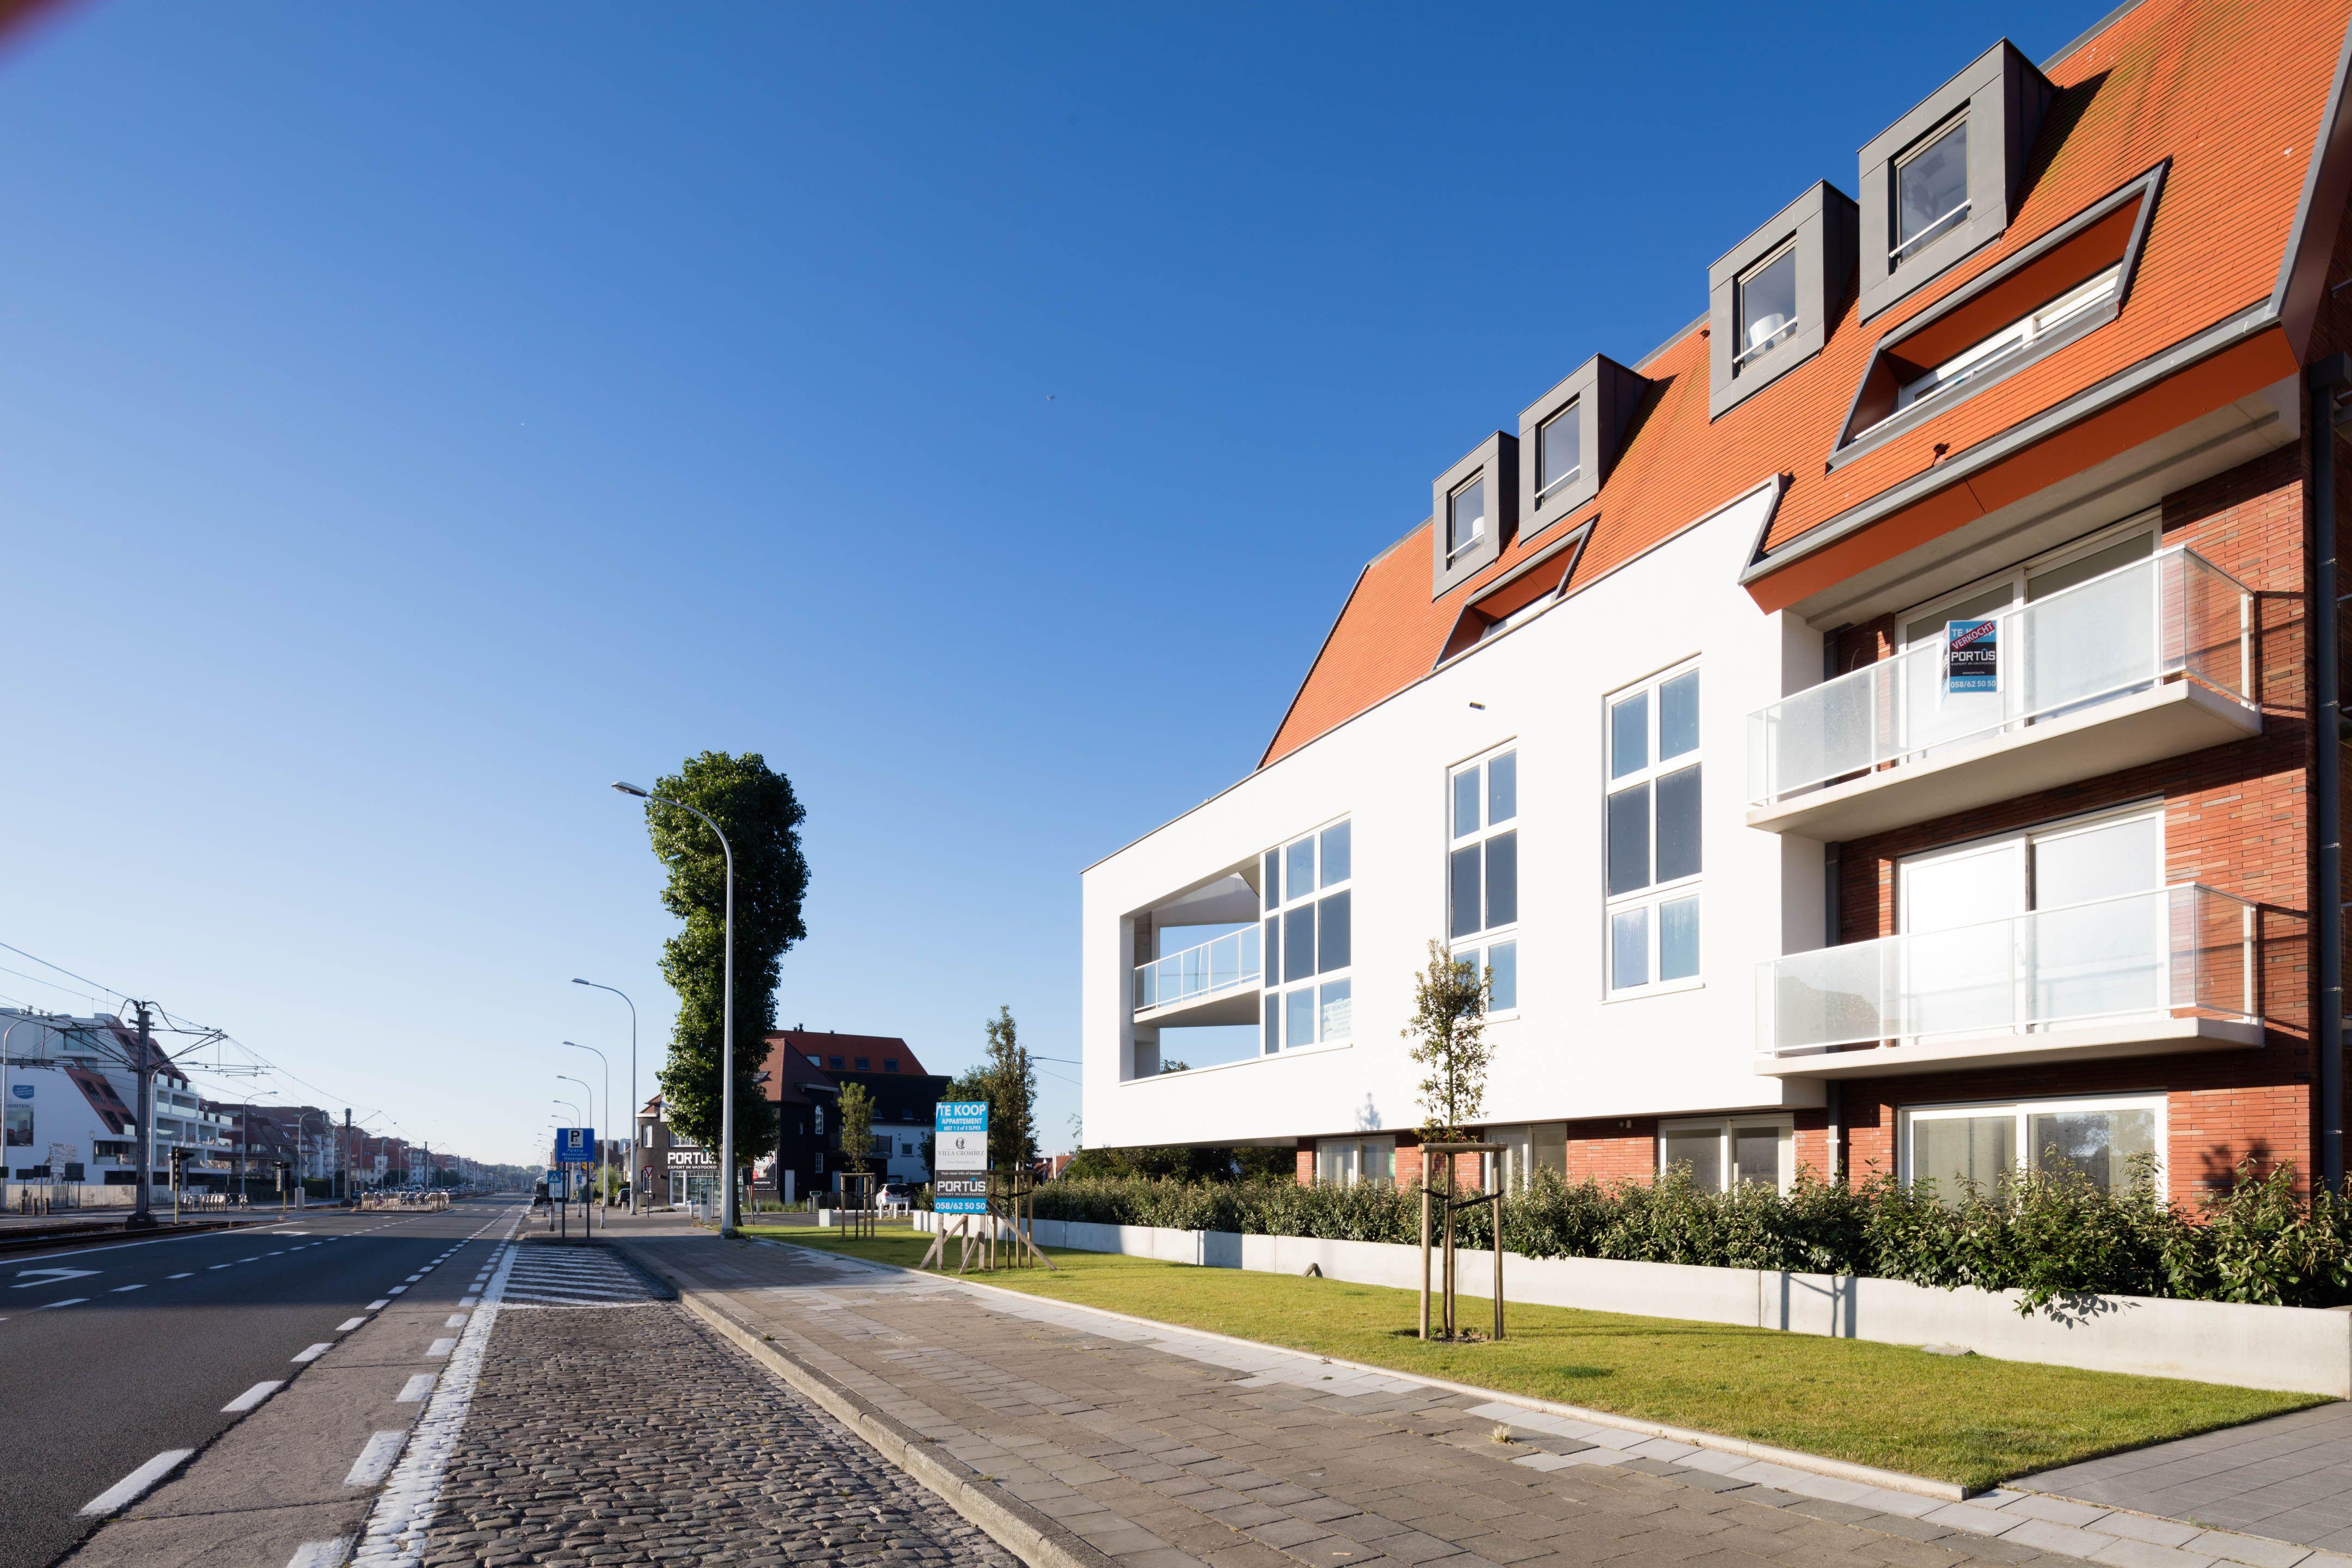 Appartement Residentie Villa Crombez Nieuwpoort - 9295